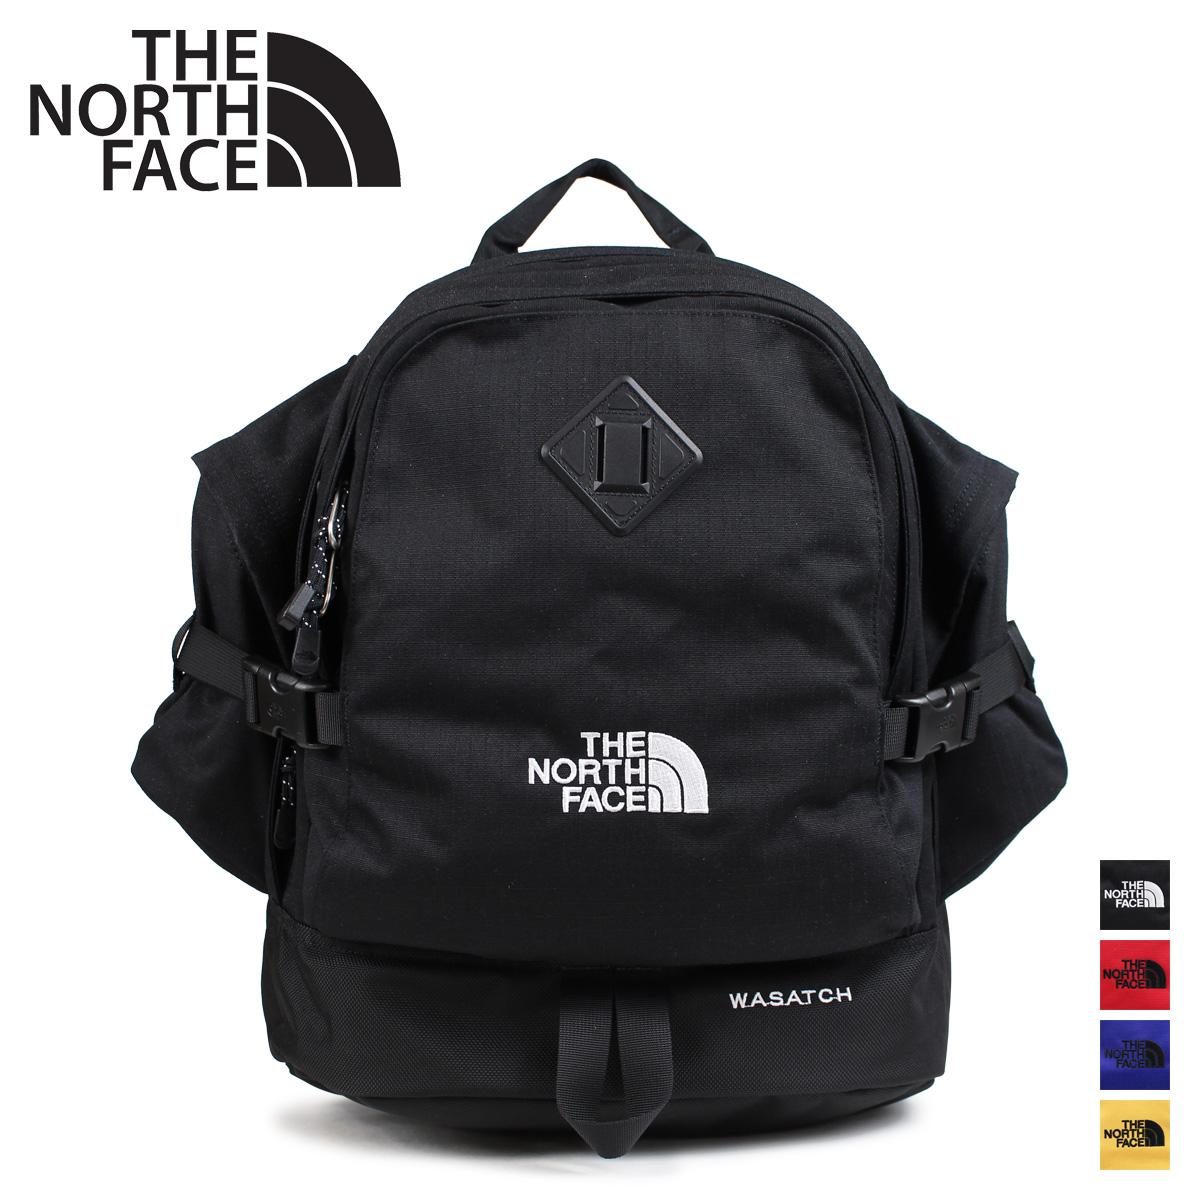 ノースフェイス THE NORTH FACE リュック メンズ レディース バックパック ワサッチ WASATCH NM71860 [10/18 新入荷]